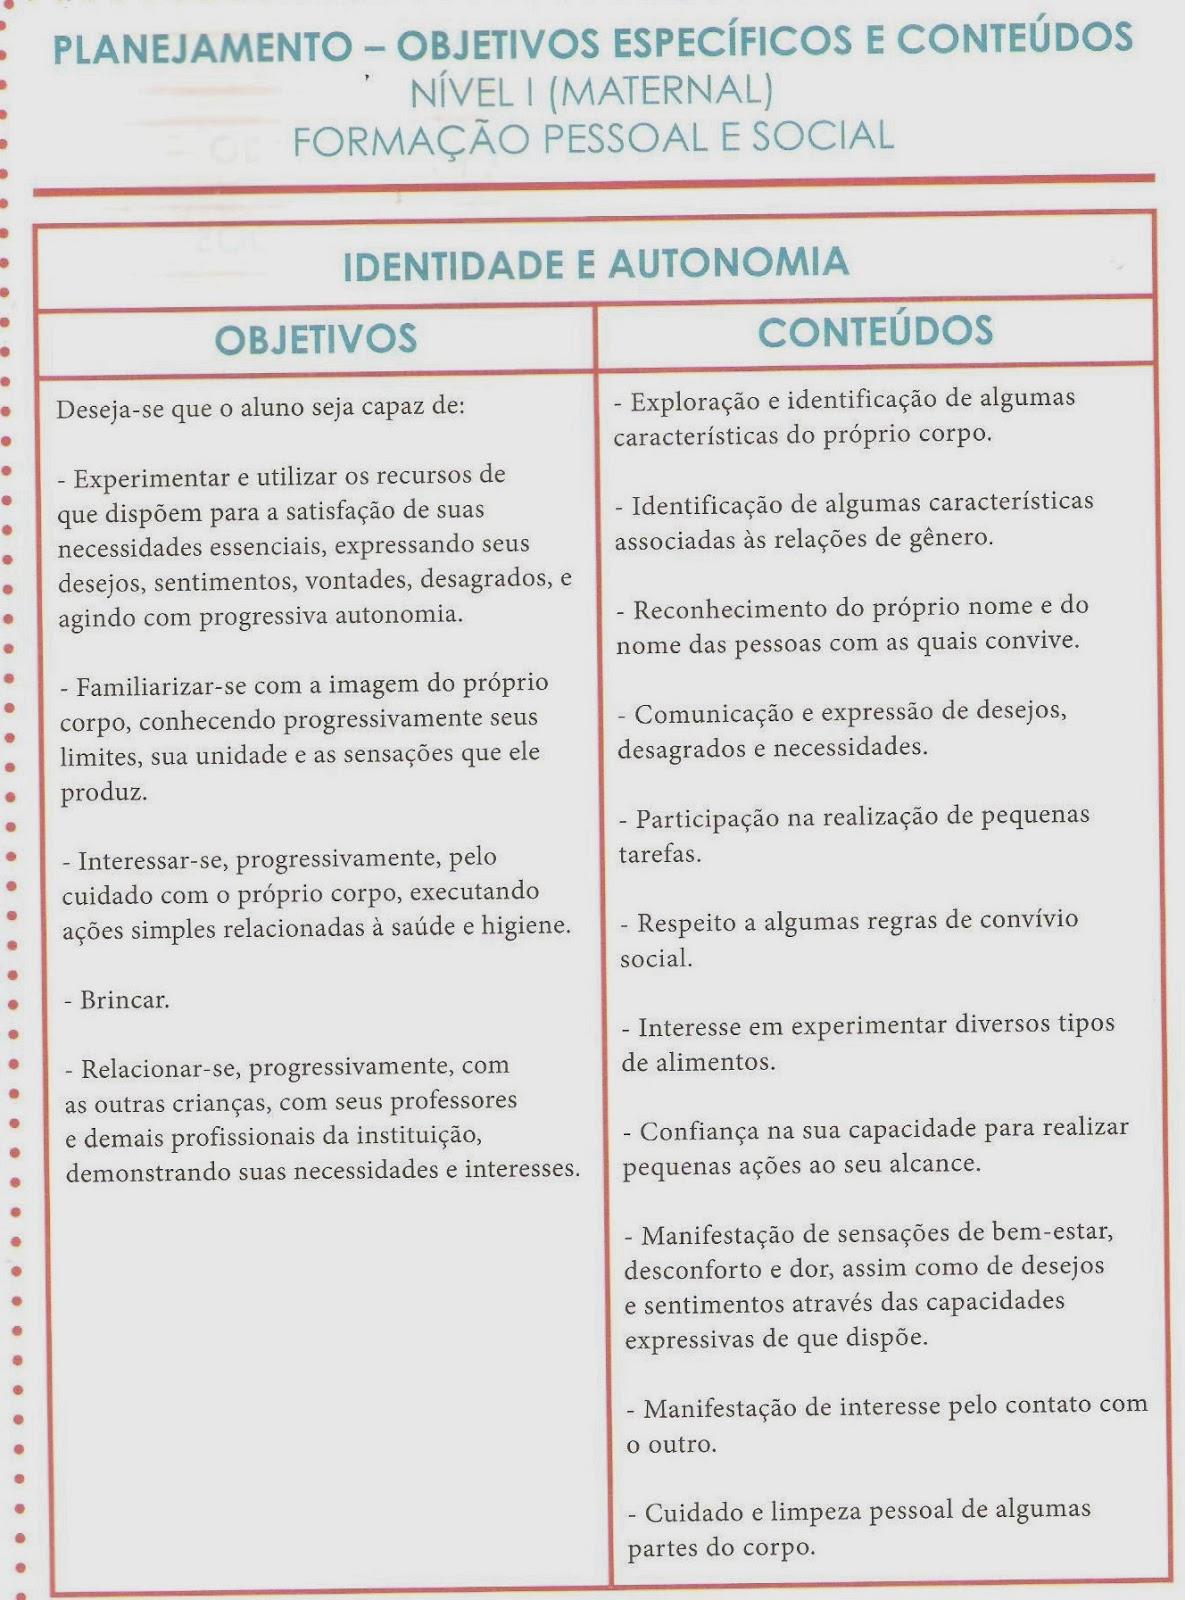 Top CANAL PEDAGÓGICO: Planejamento: Objetivos Específicos e Conteúdos  XF85